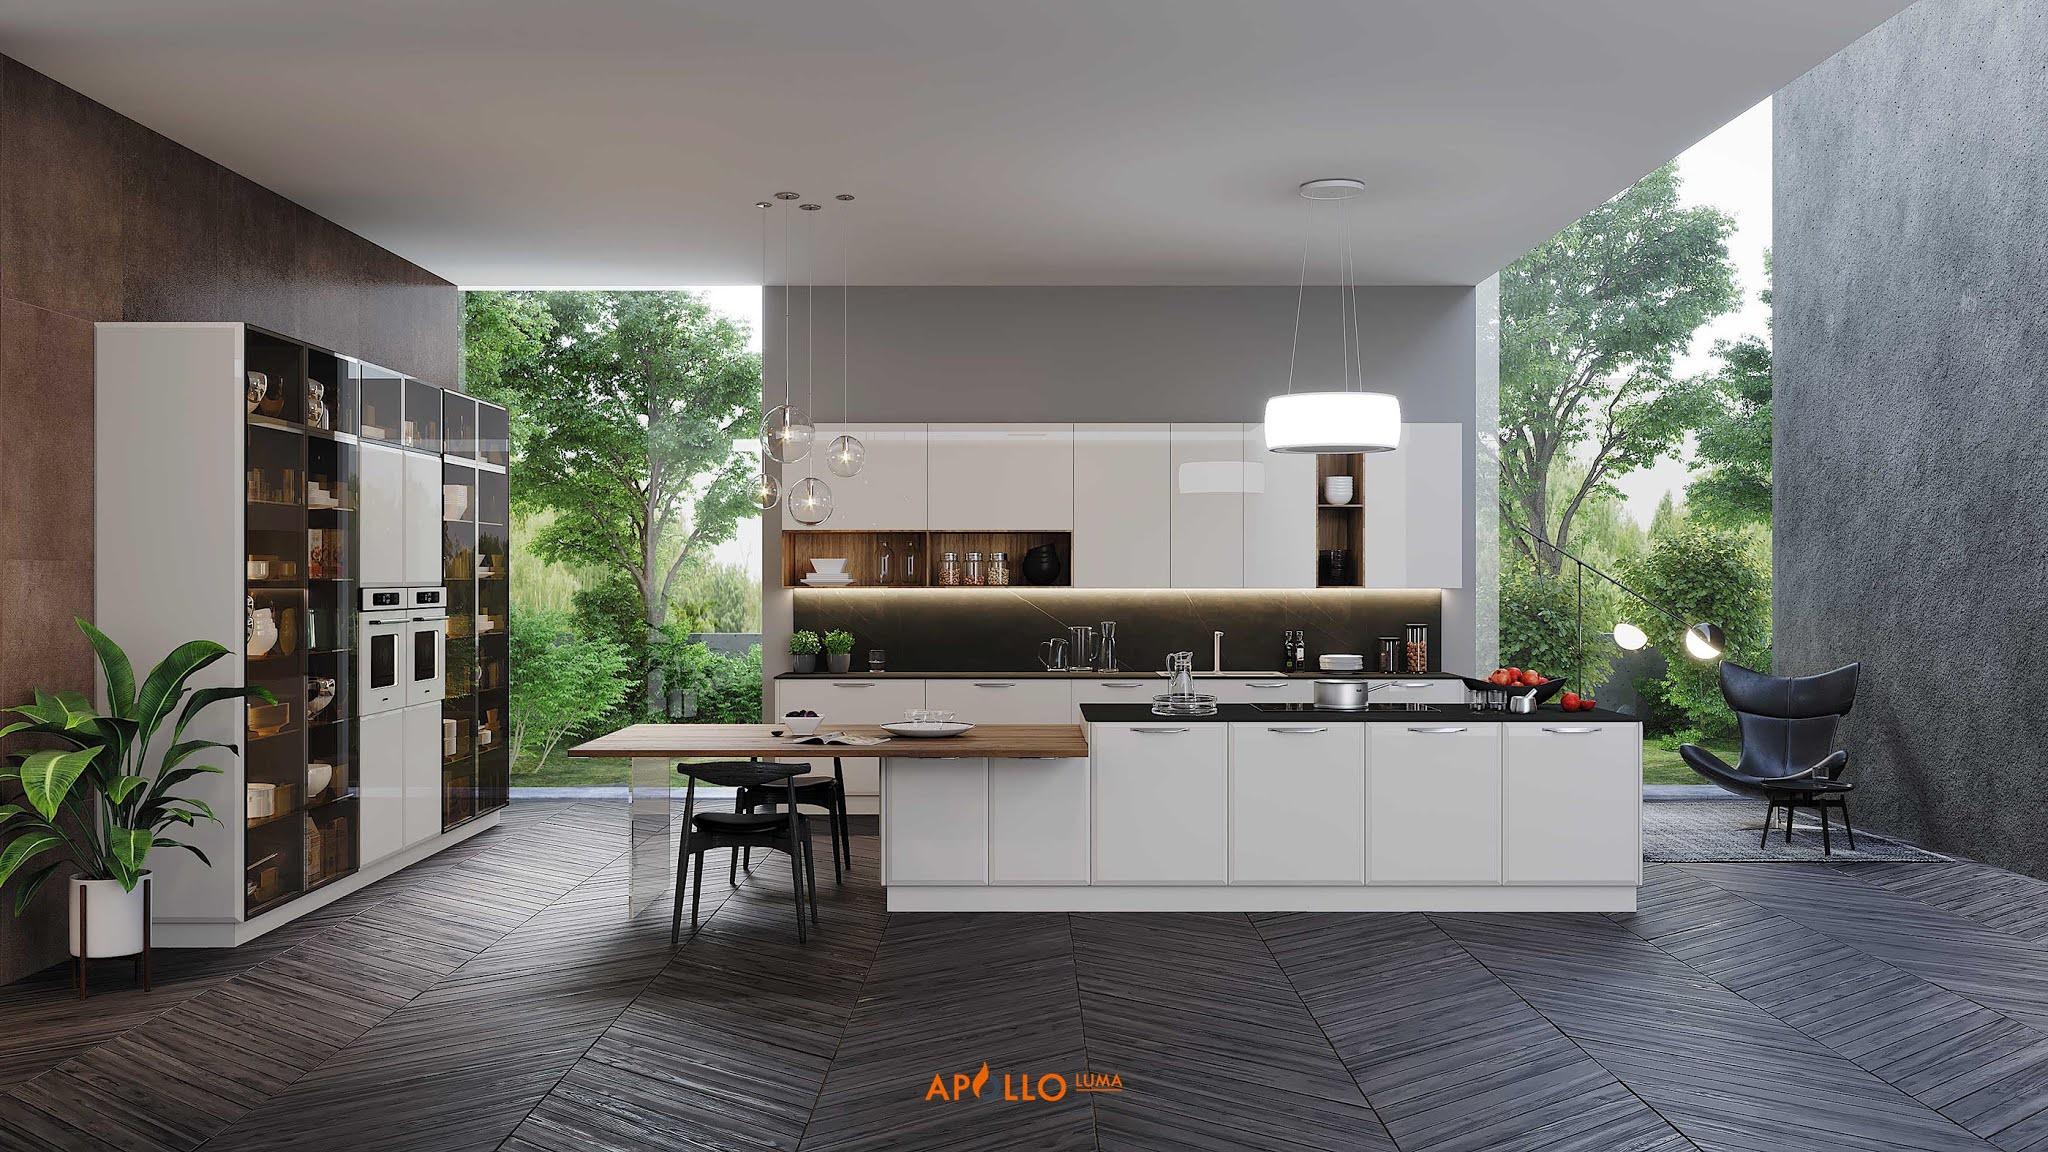 Thiết kế phòng bếp biệt thự nhà vườn tại Sóc Sơn - Hà Nội